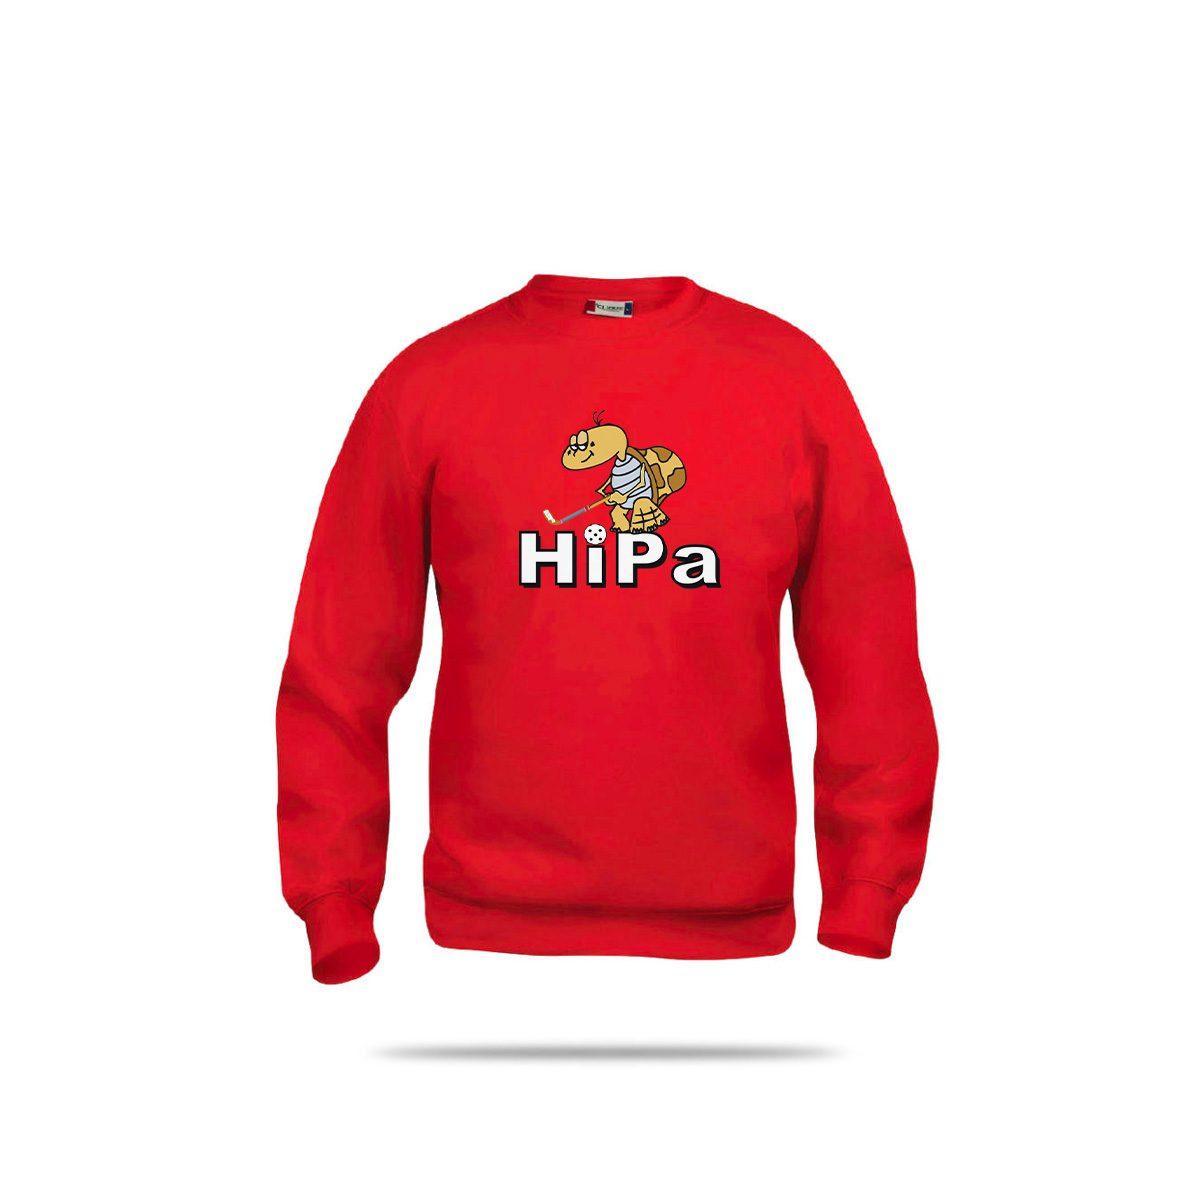 Hipa-3027